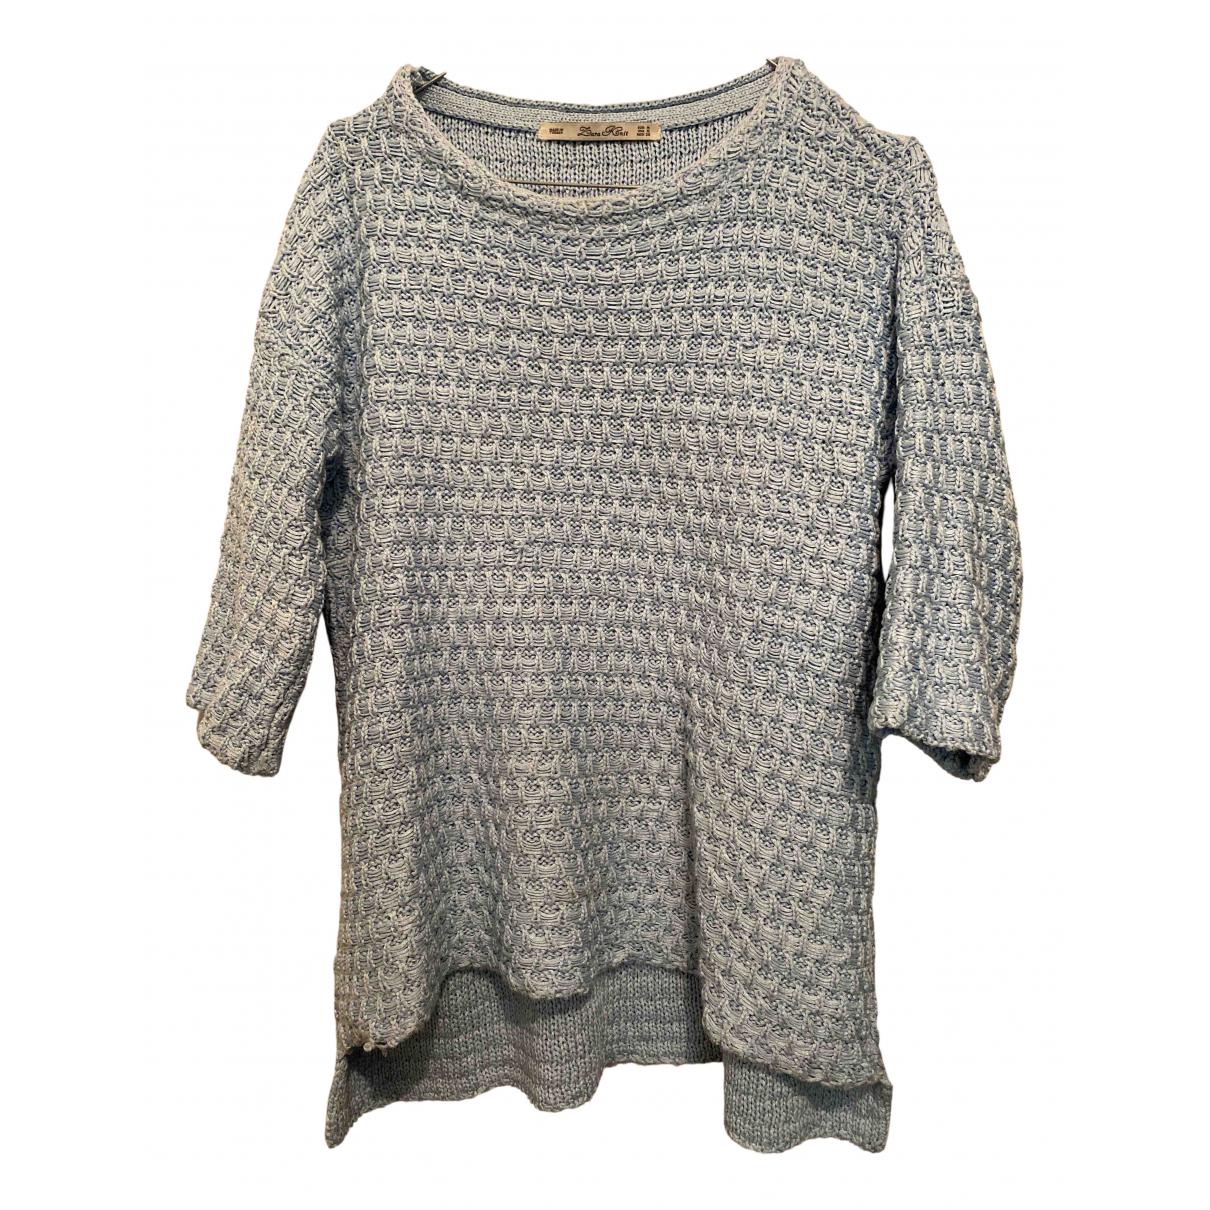 Zara N Turquoise Cotton Knitwear for Women M International